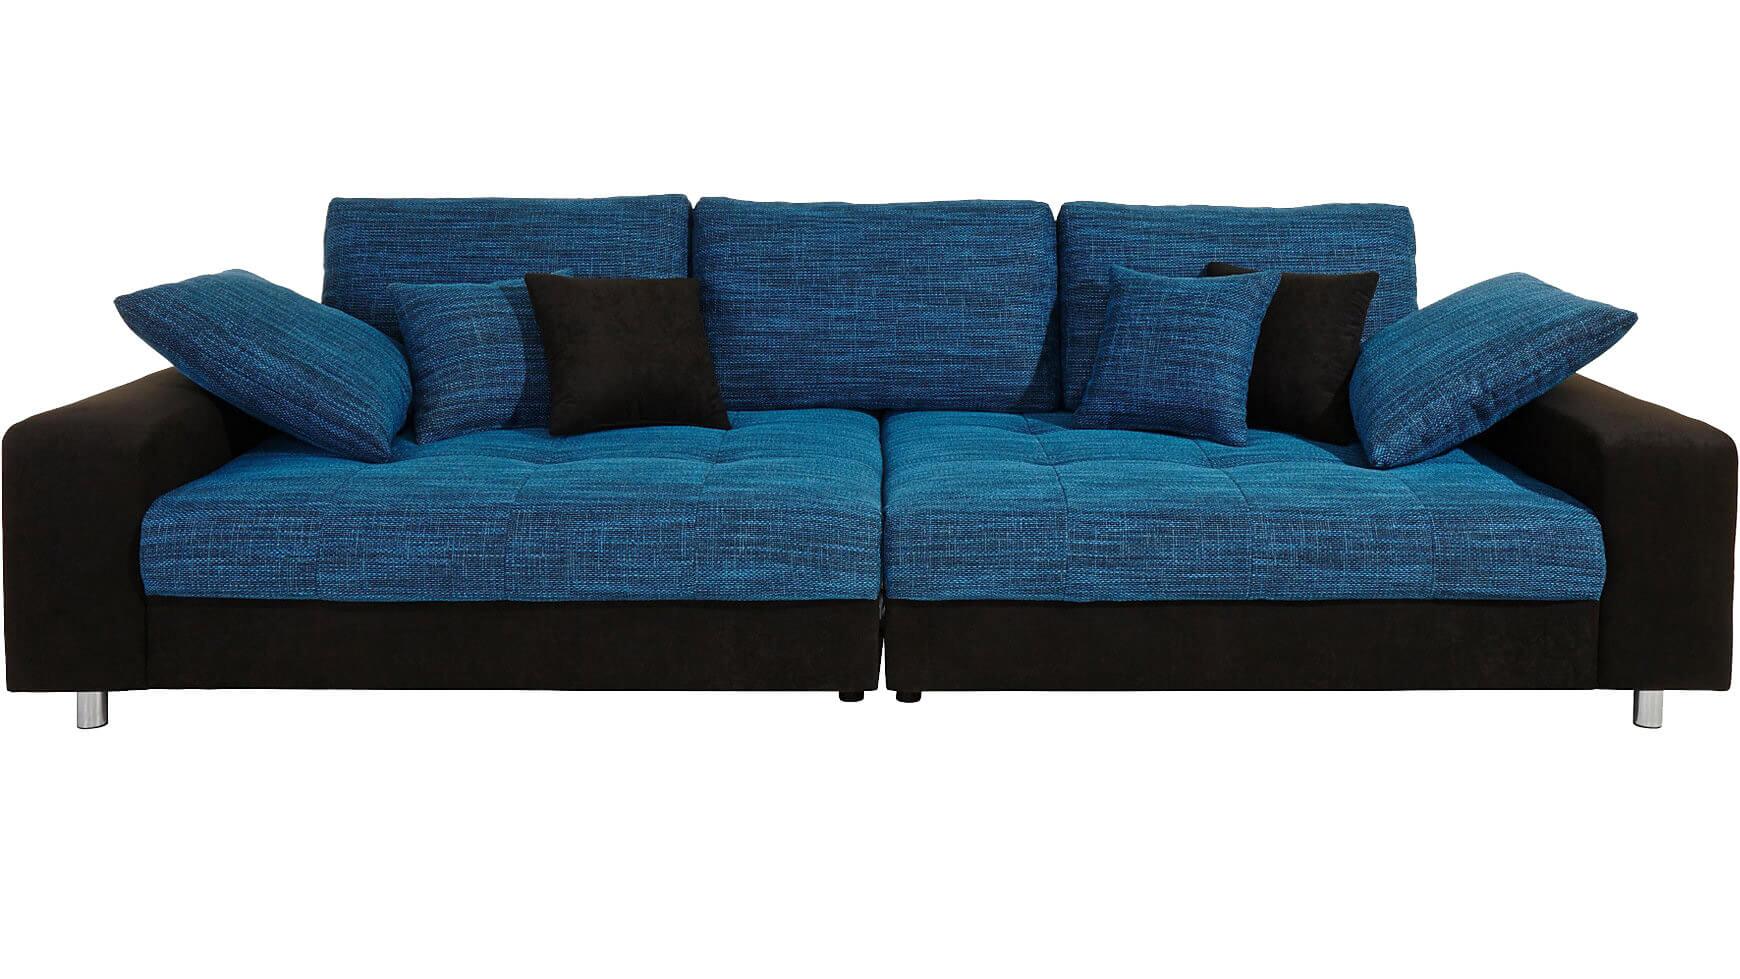 Full Size of Big Sofa Kaufen Xxl Couch Extragroe Sofas Bestellen Bei Cnouchde Garten Ecksofa Mit Holzfüßen Rund Online Eck Natura Sofort Lieferbar U Form Auf Raten Togo Sofa Big Sofa Kaufen